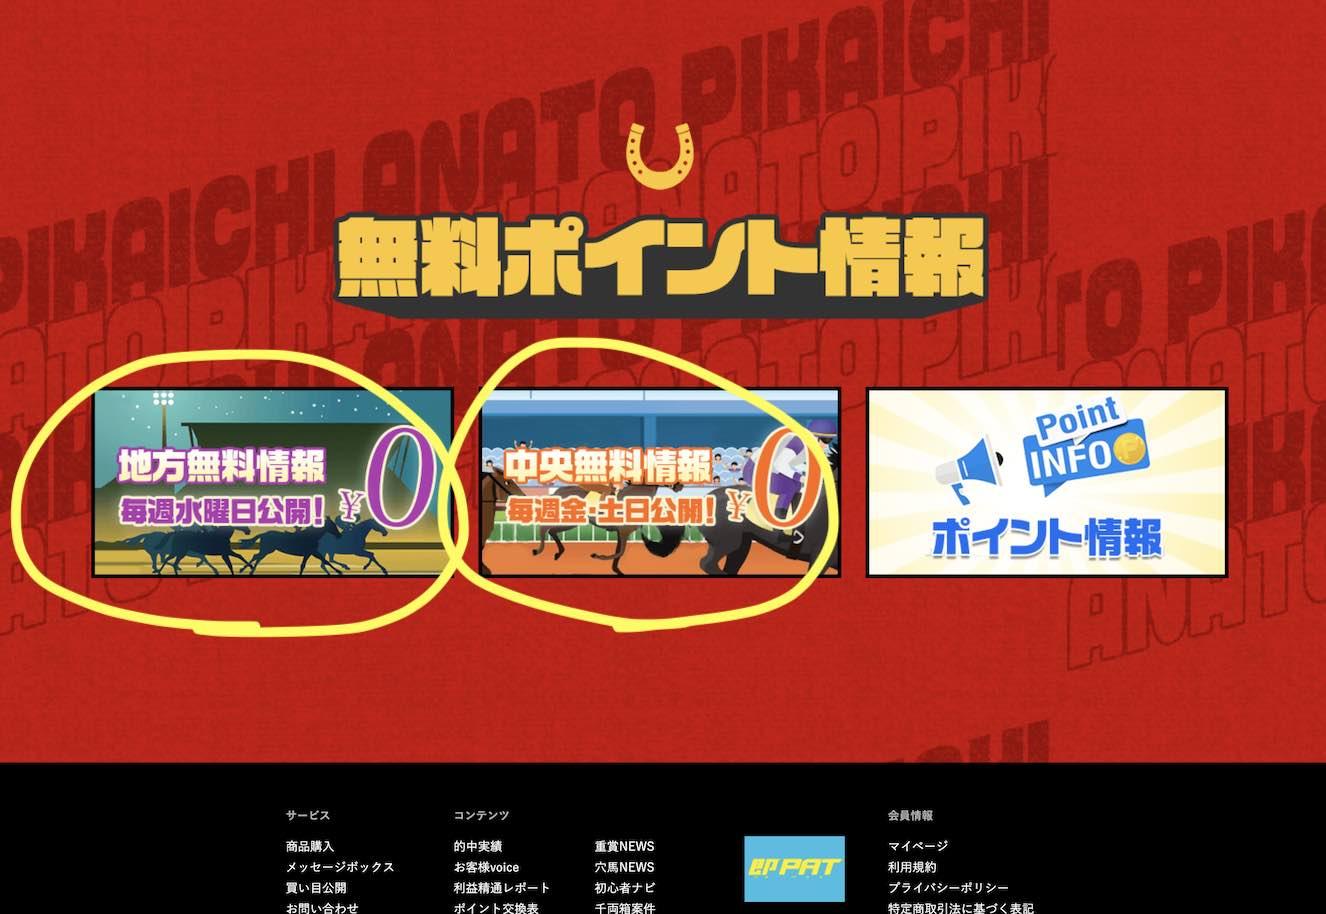 穴党ピカイチ!という競馬予想サイトの無料予想(無料情報)を確認する